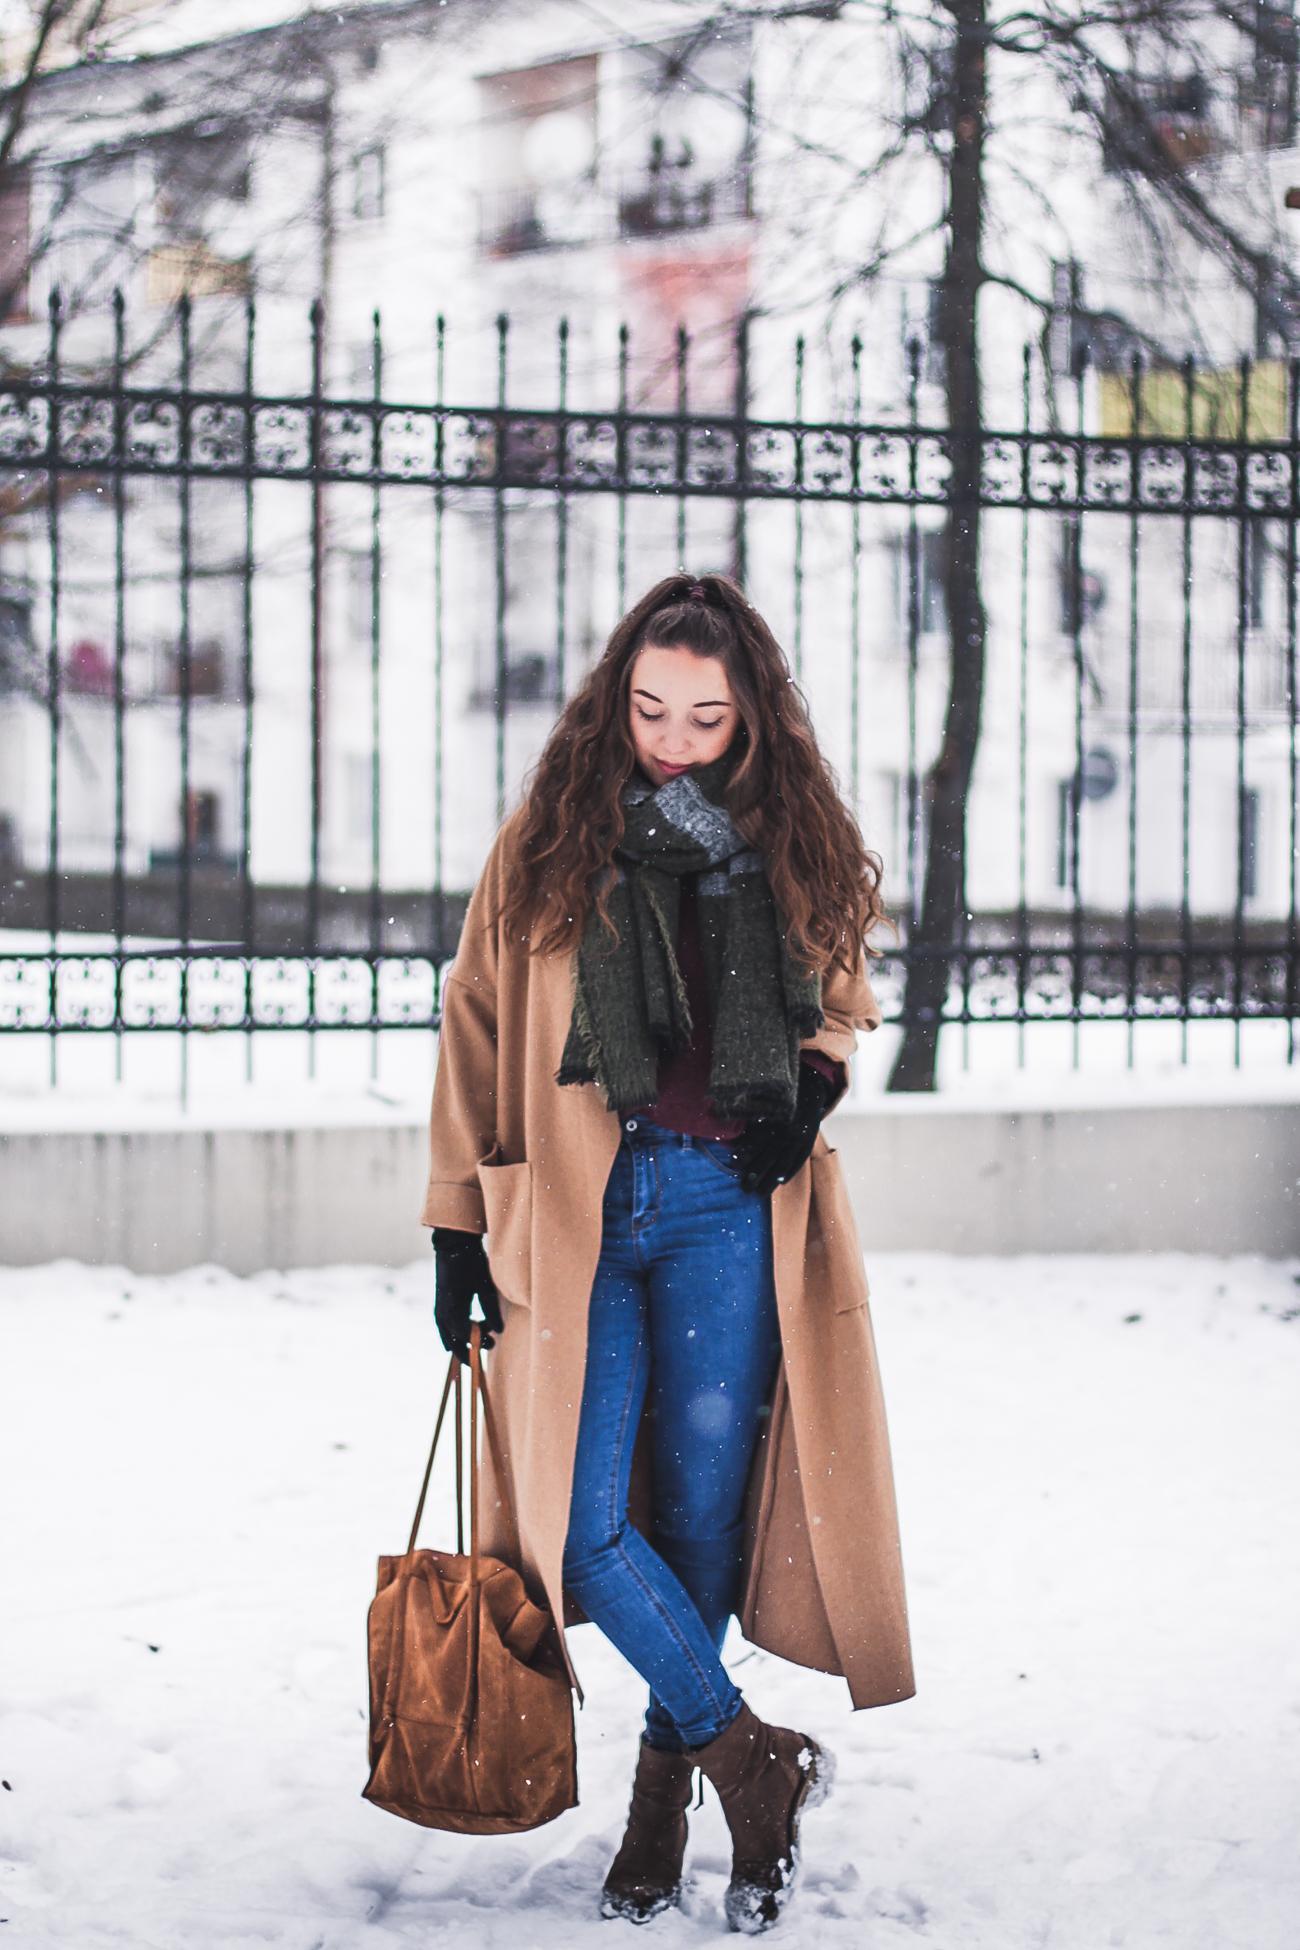 jeansy idealne stylizacja